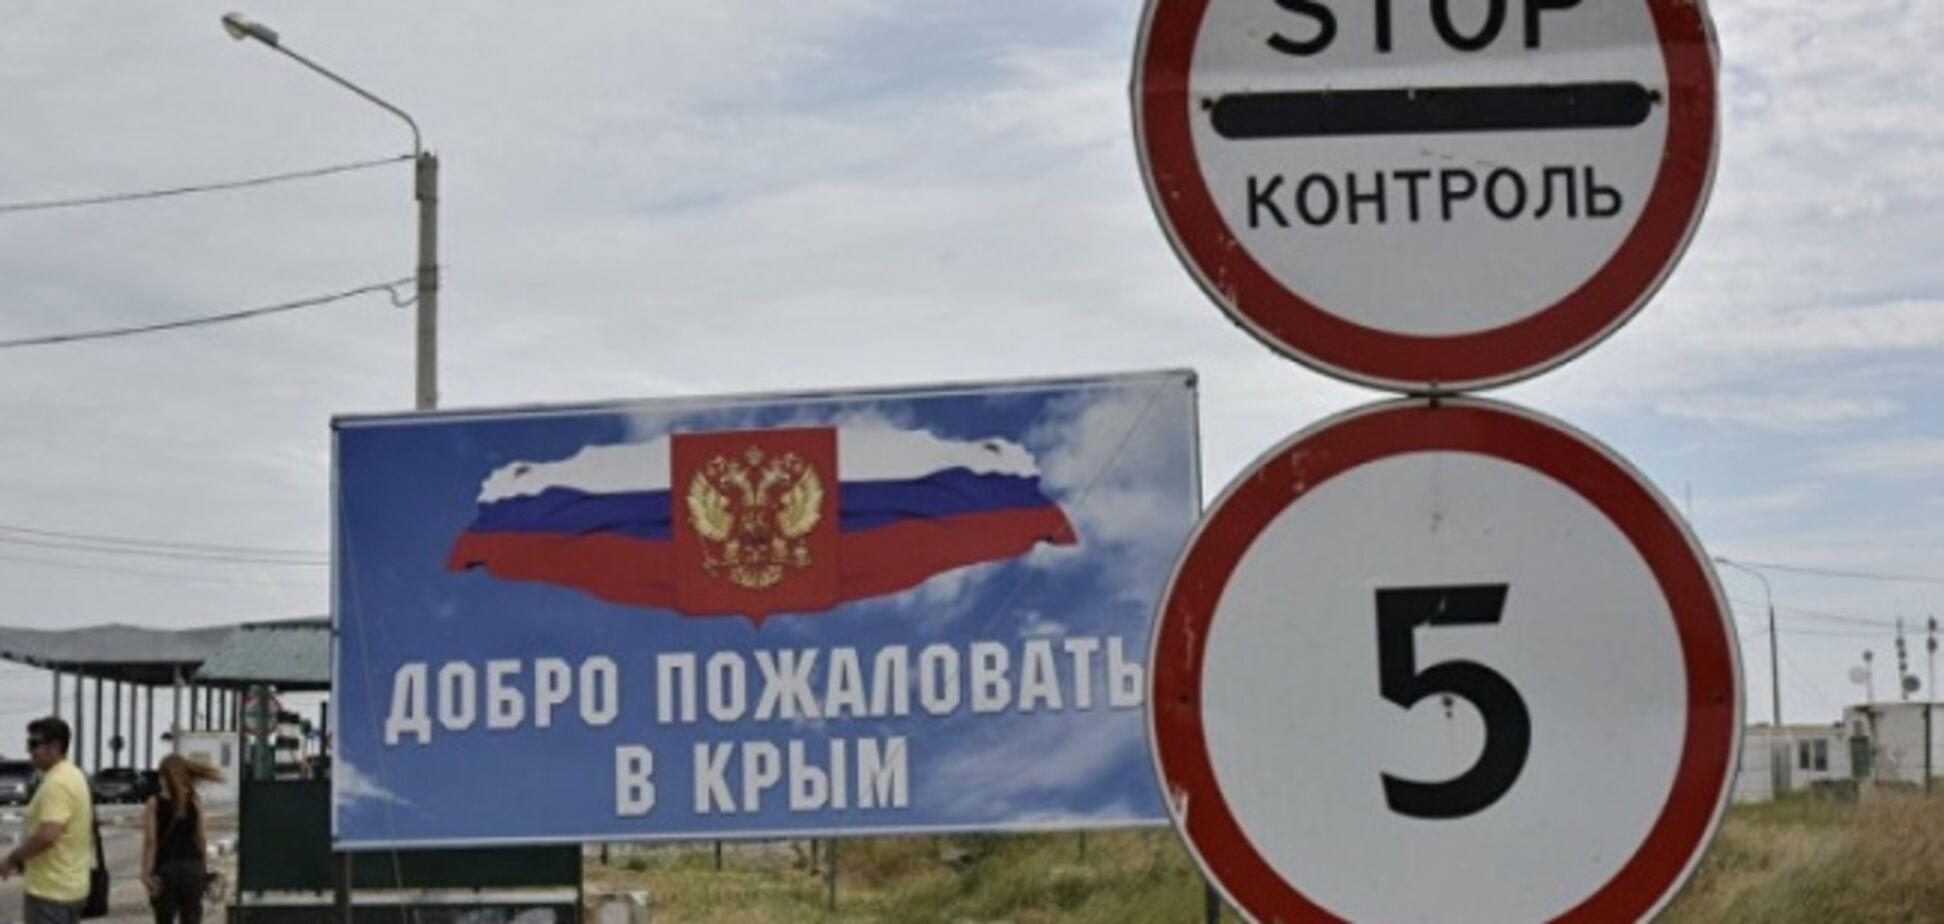 Работают в Крыму: оккупанты 'сдали' украинских ученых